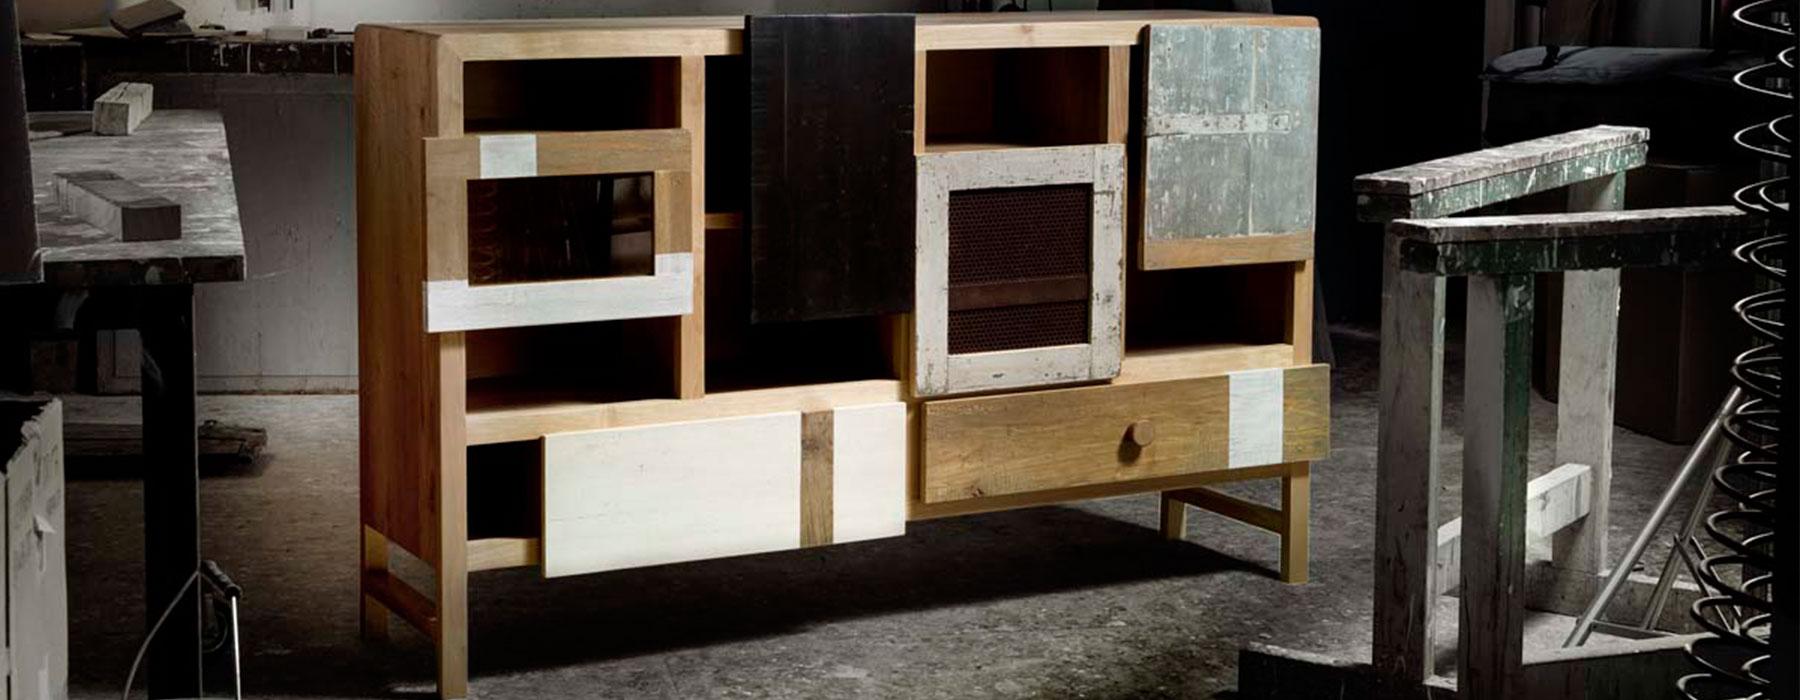 arredamenti su misura mobili artigianali roma laquercia21